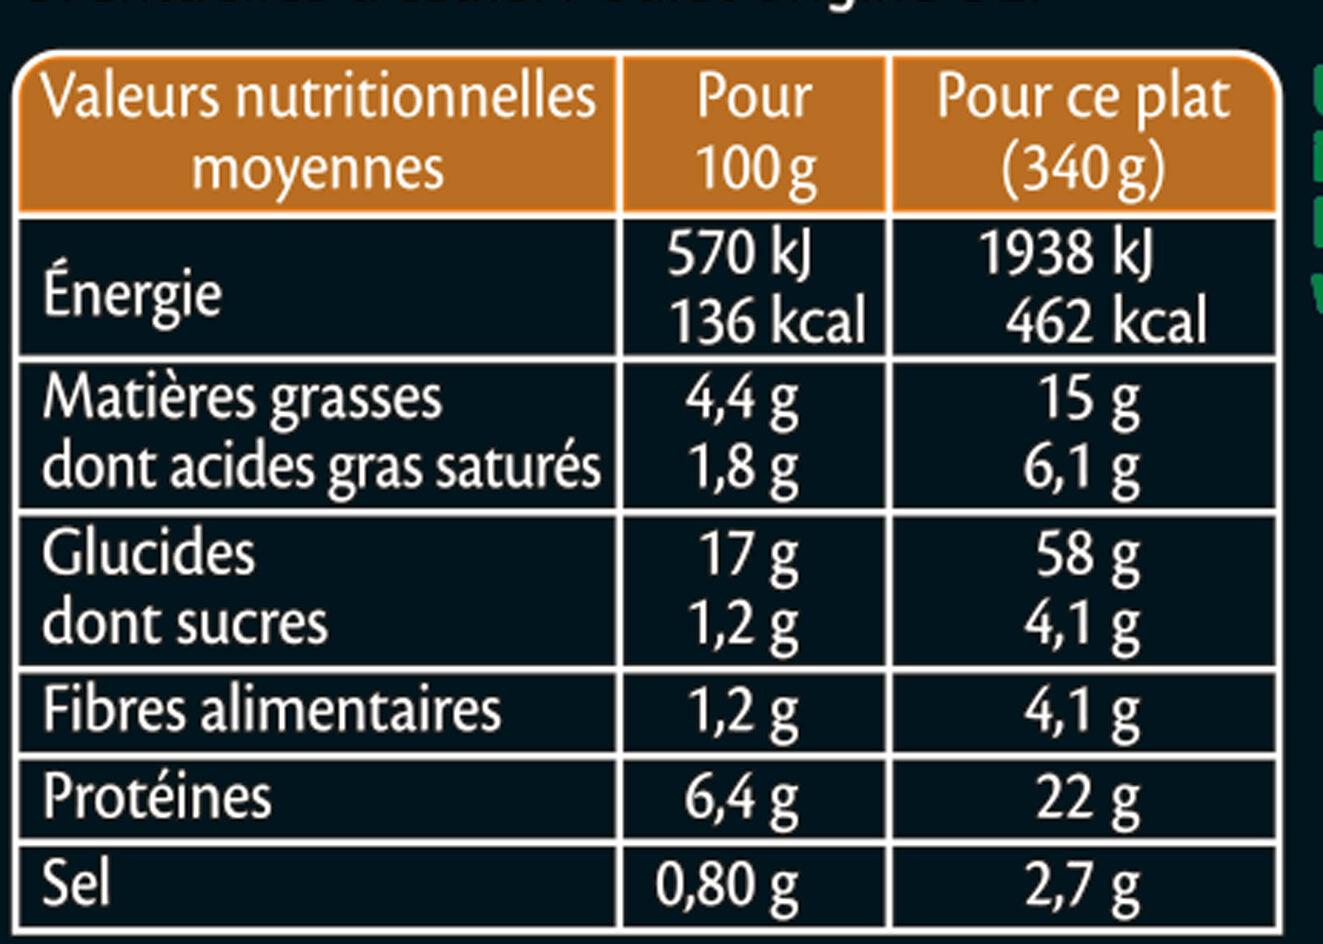 Poulet à l'orientale semoule aux légumes sauce blanche - Informations nutritionnelles - fr